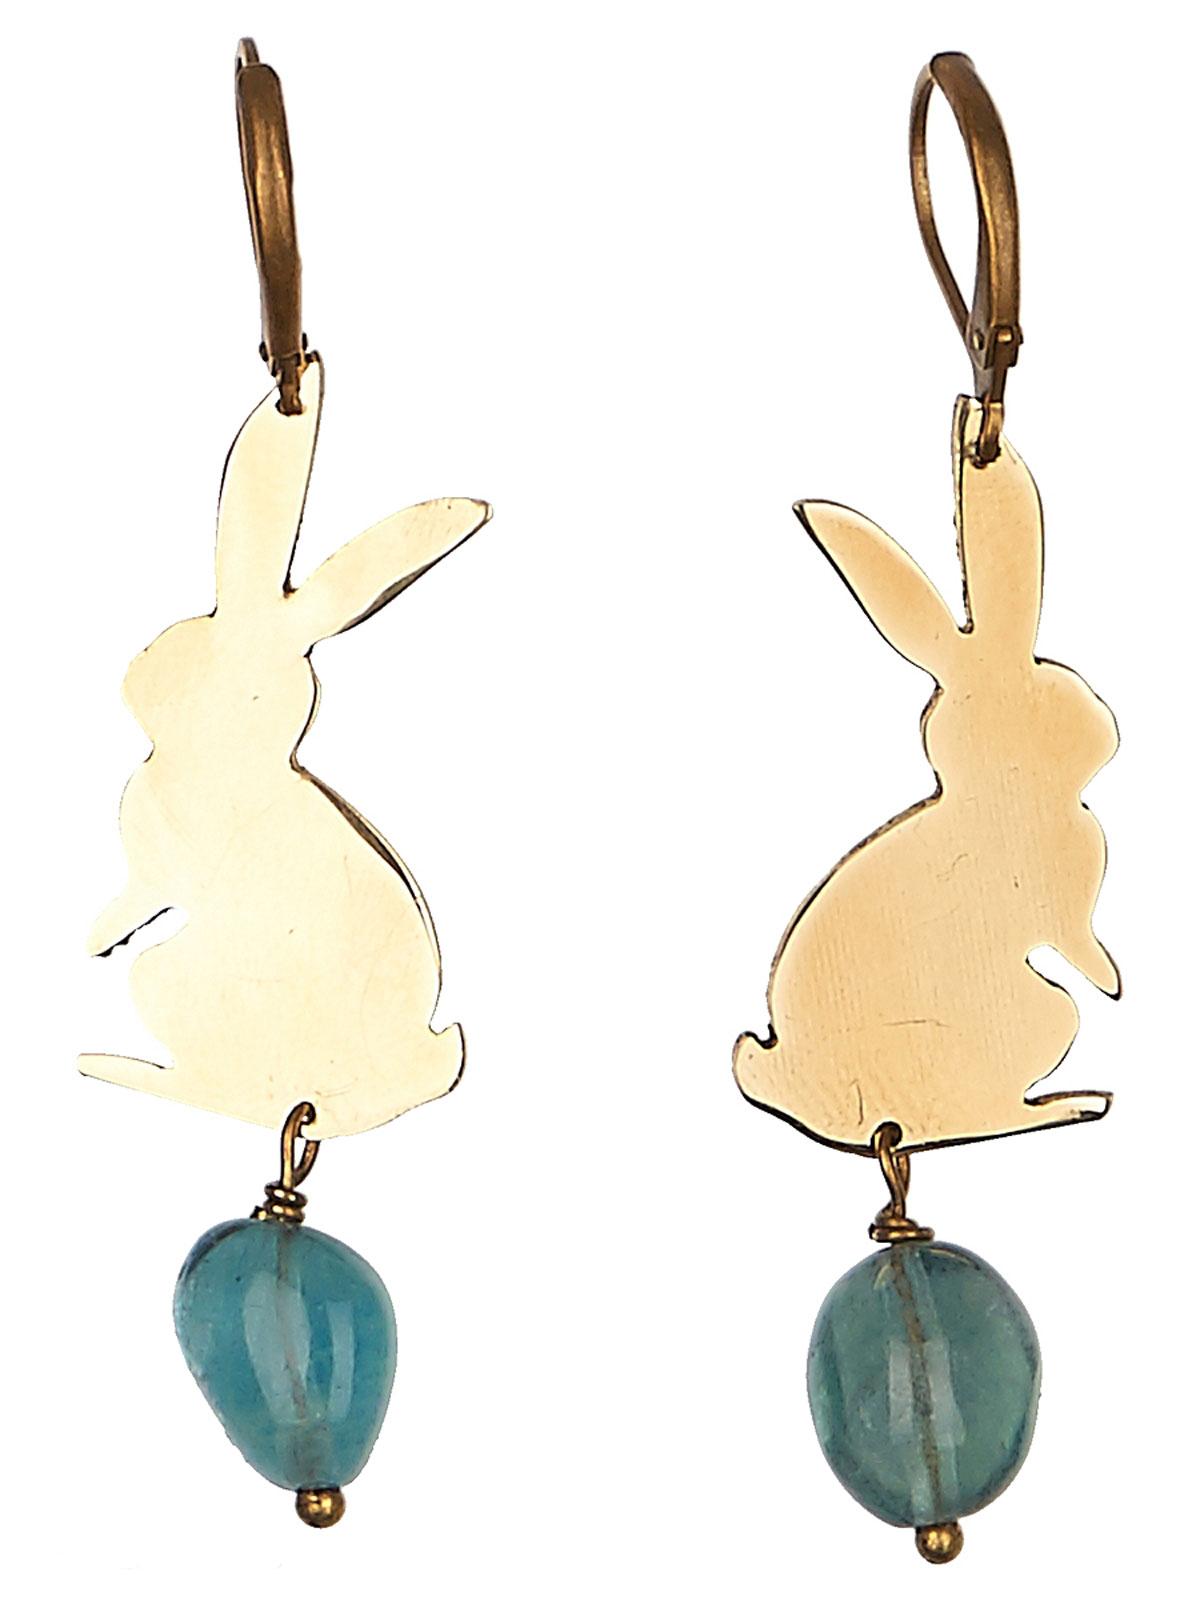 Серьги Polina Selezneva, цвет: голубой, золотистый. 004-0984004-0984флюорит, латунь